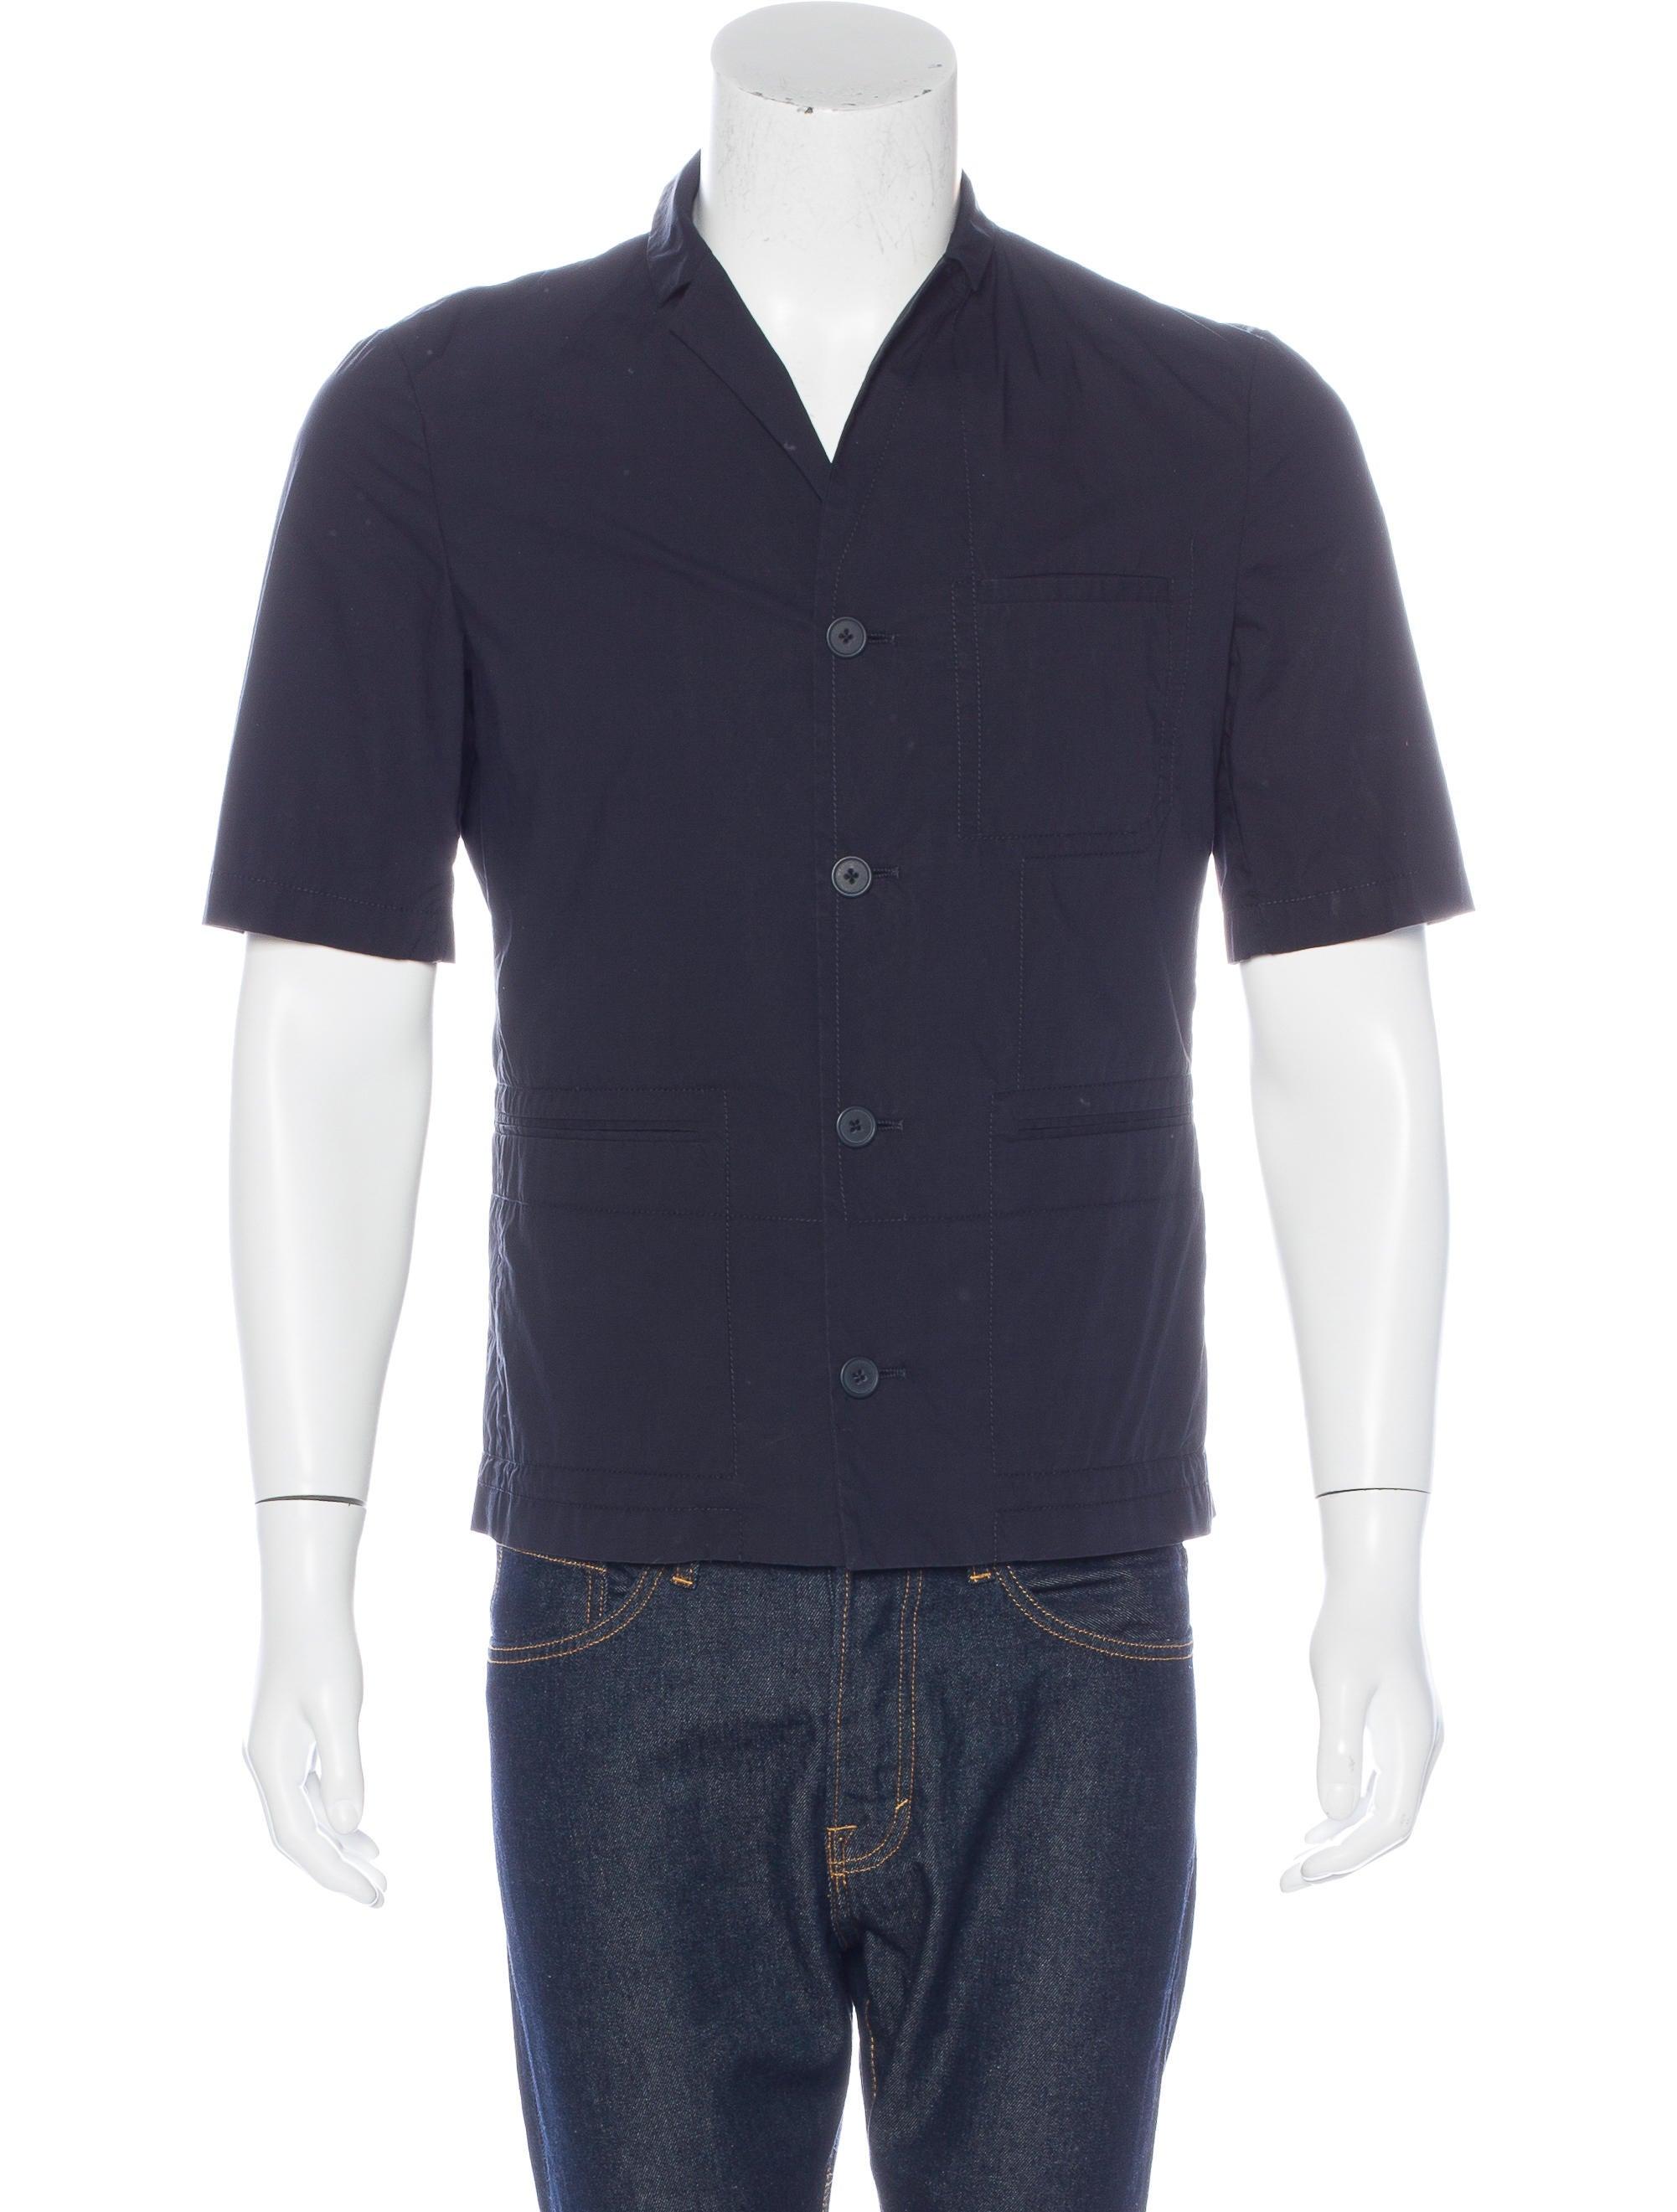 Jil sander short sleeve shirt jacket clothing jil38250 for Jil sander mens shirt